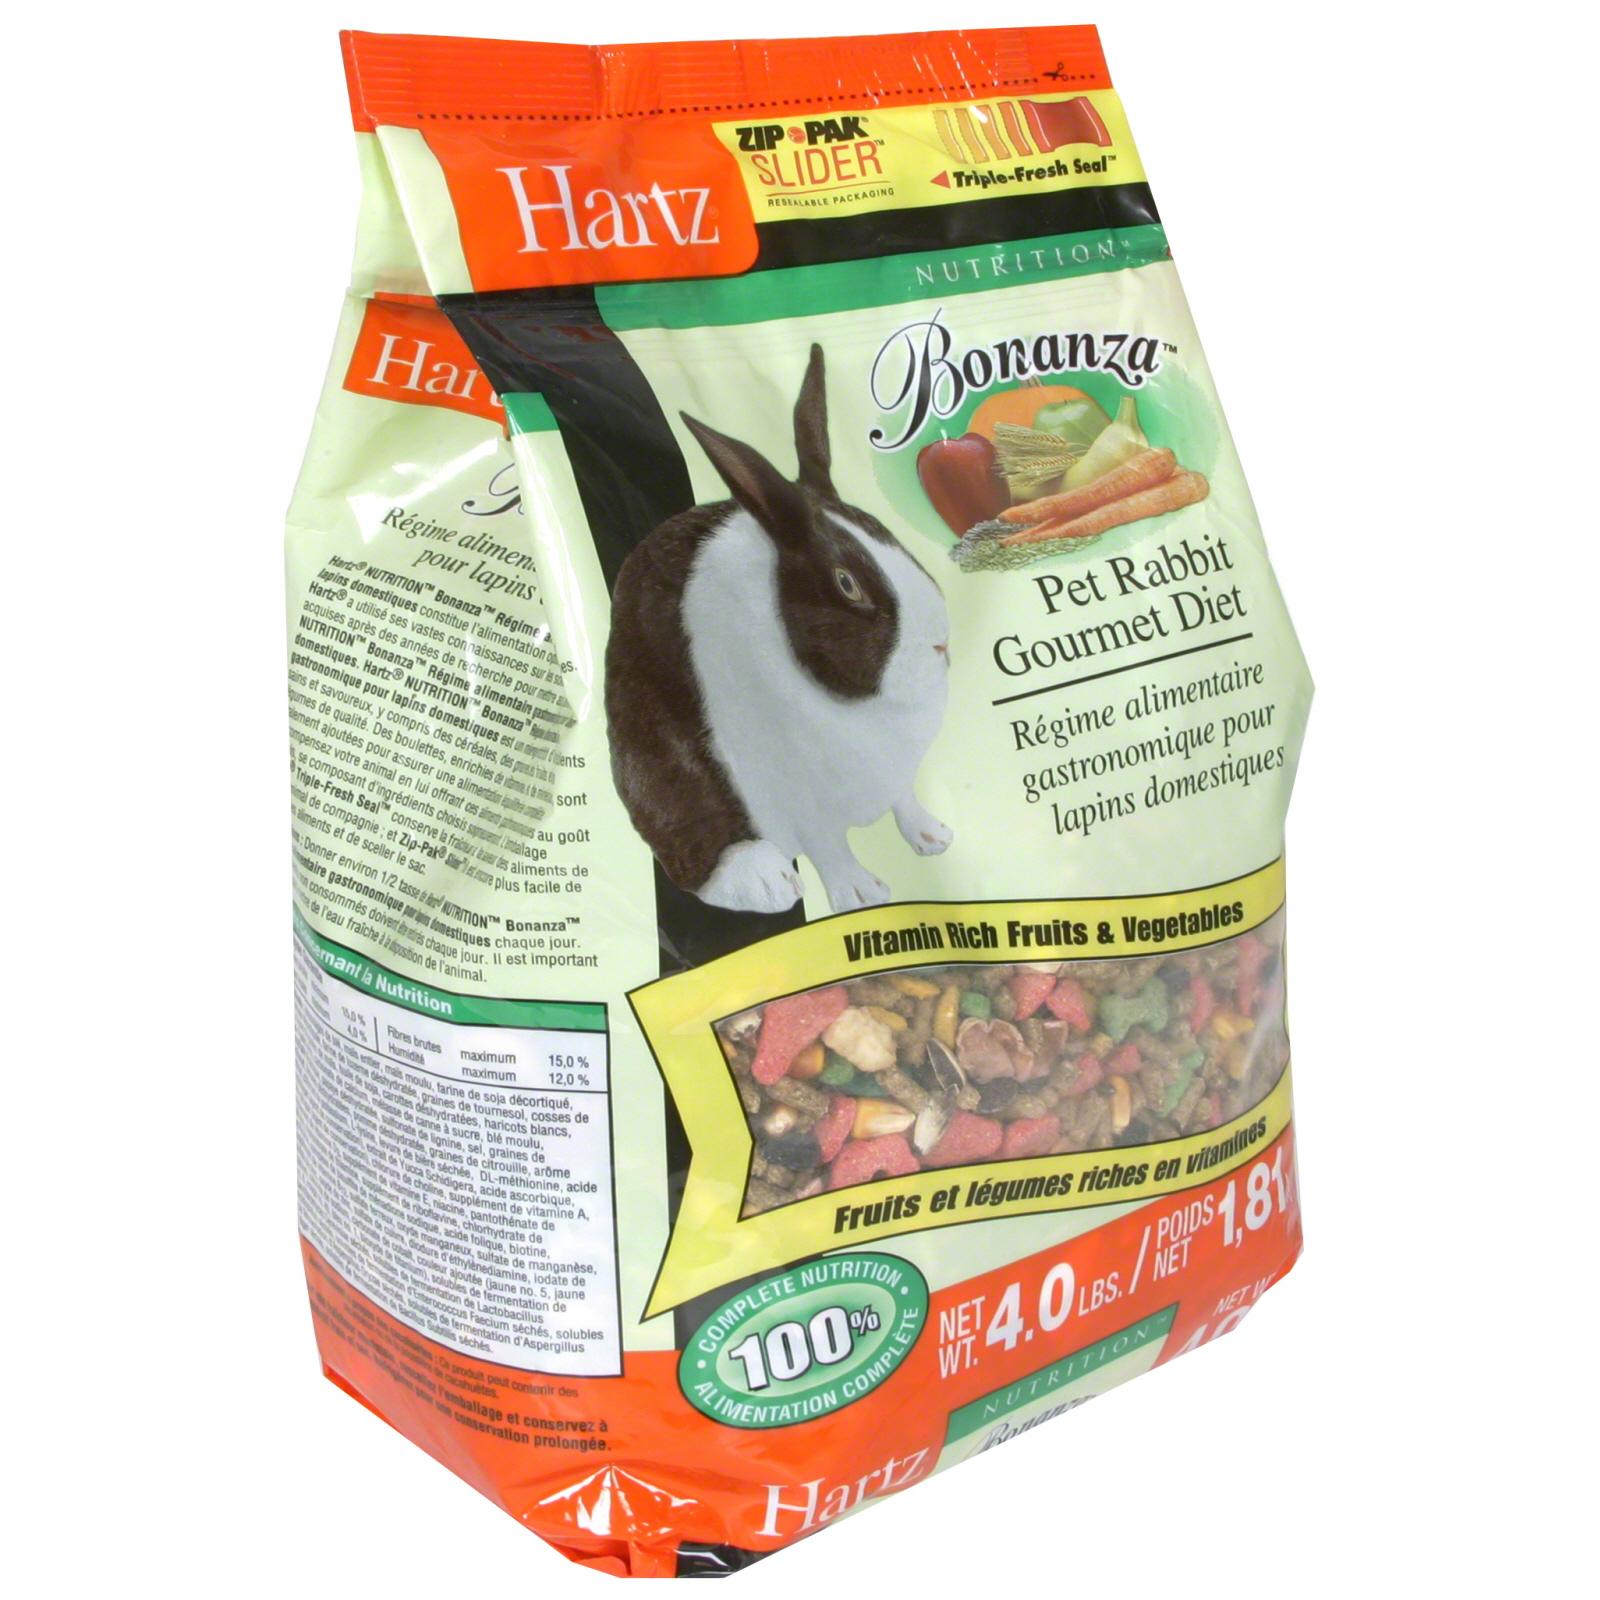 Hartz Bonanza Pet Rabbit Gourmet Diet 4 lb 181 kg